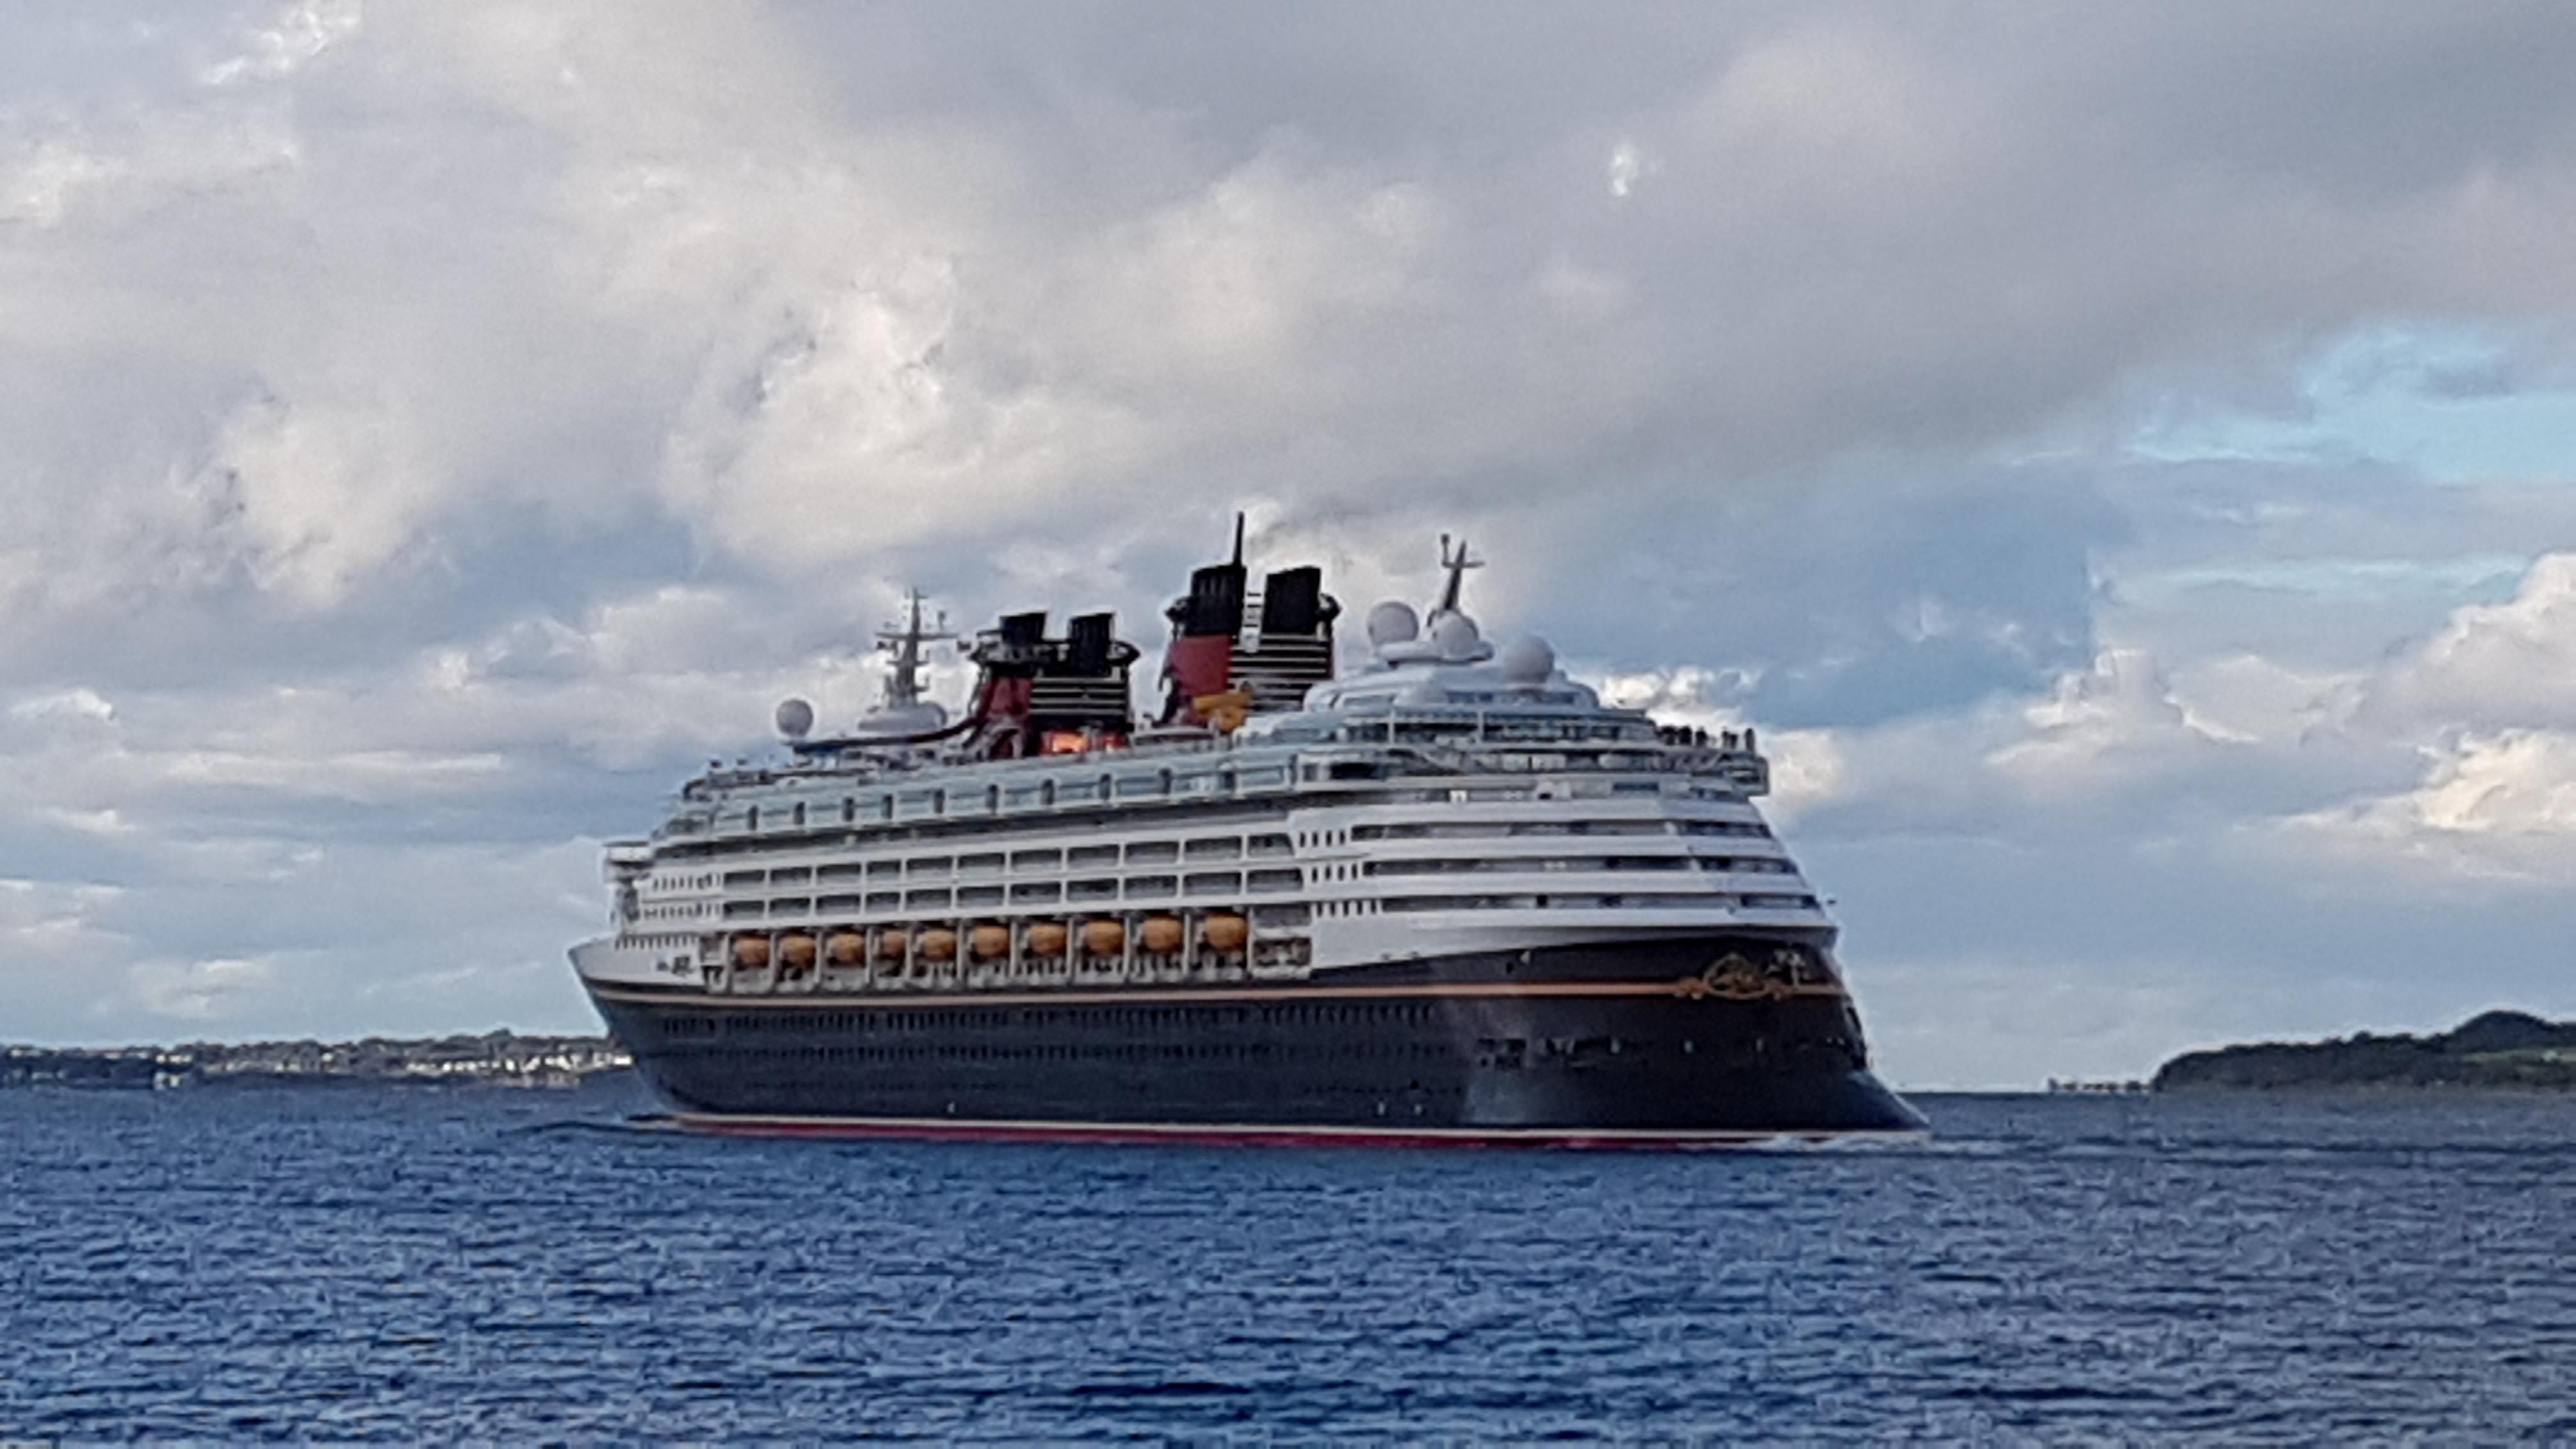 Disney Magic departing